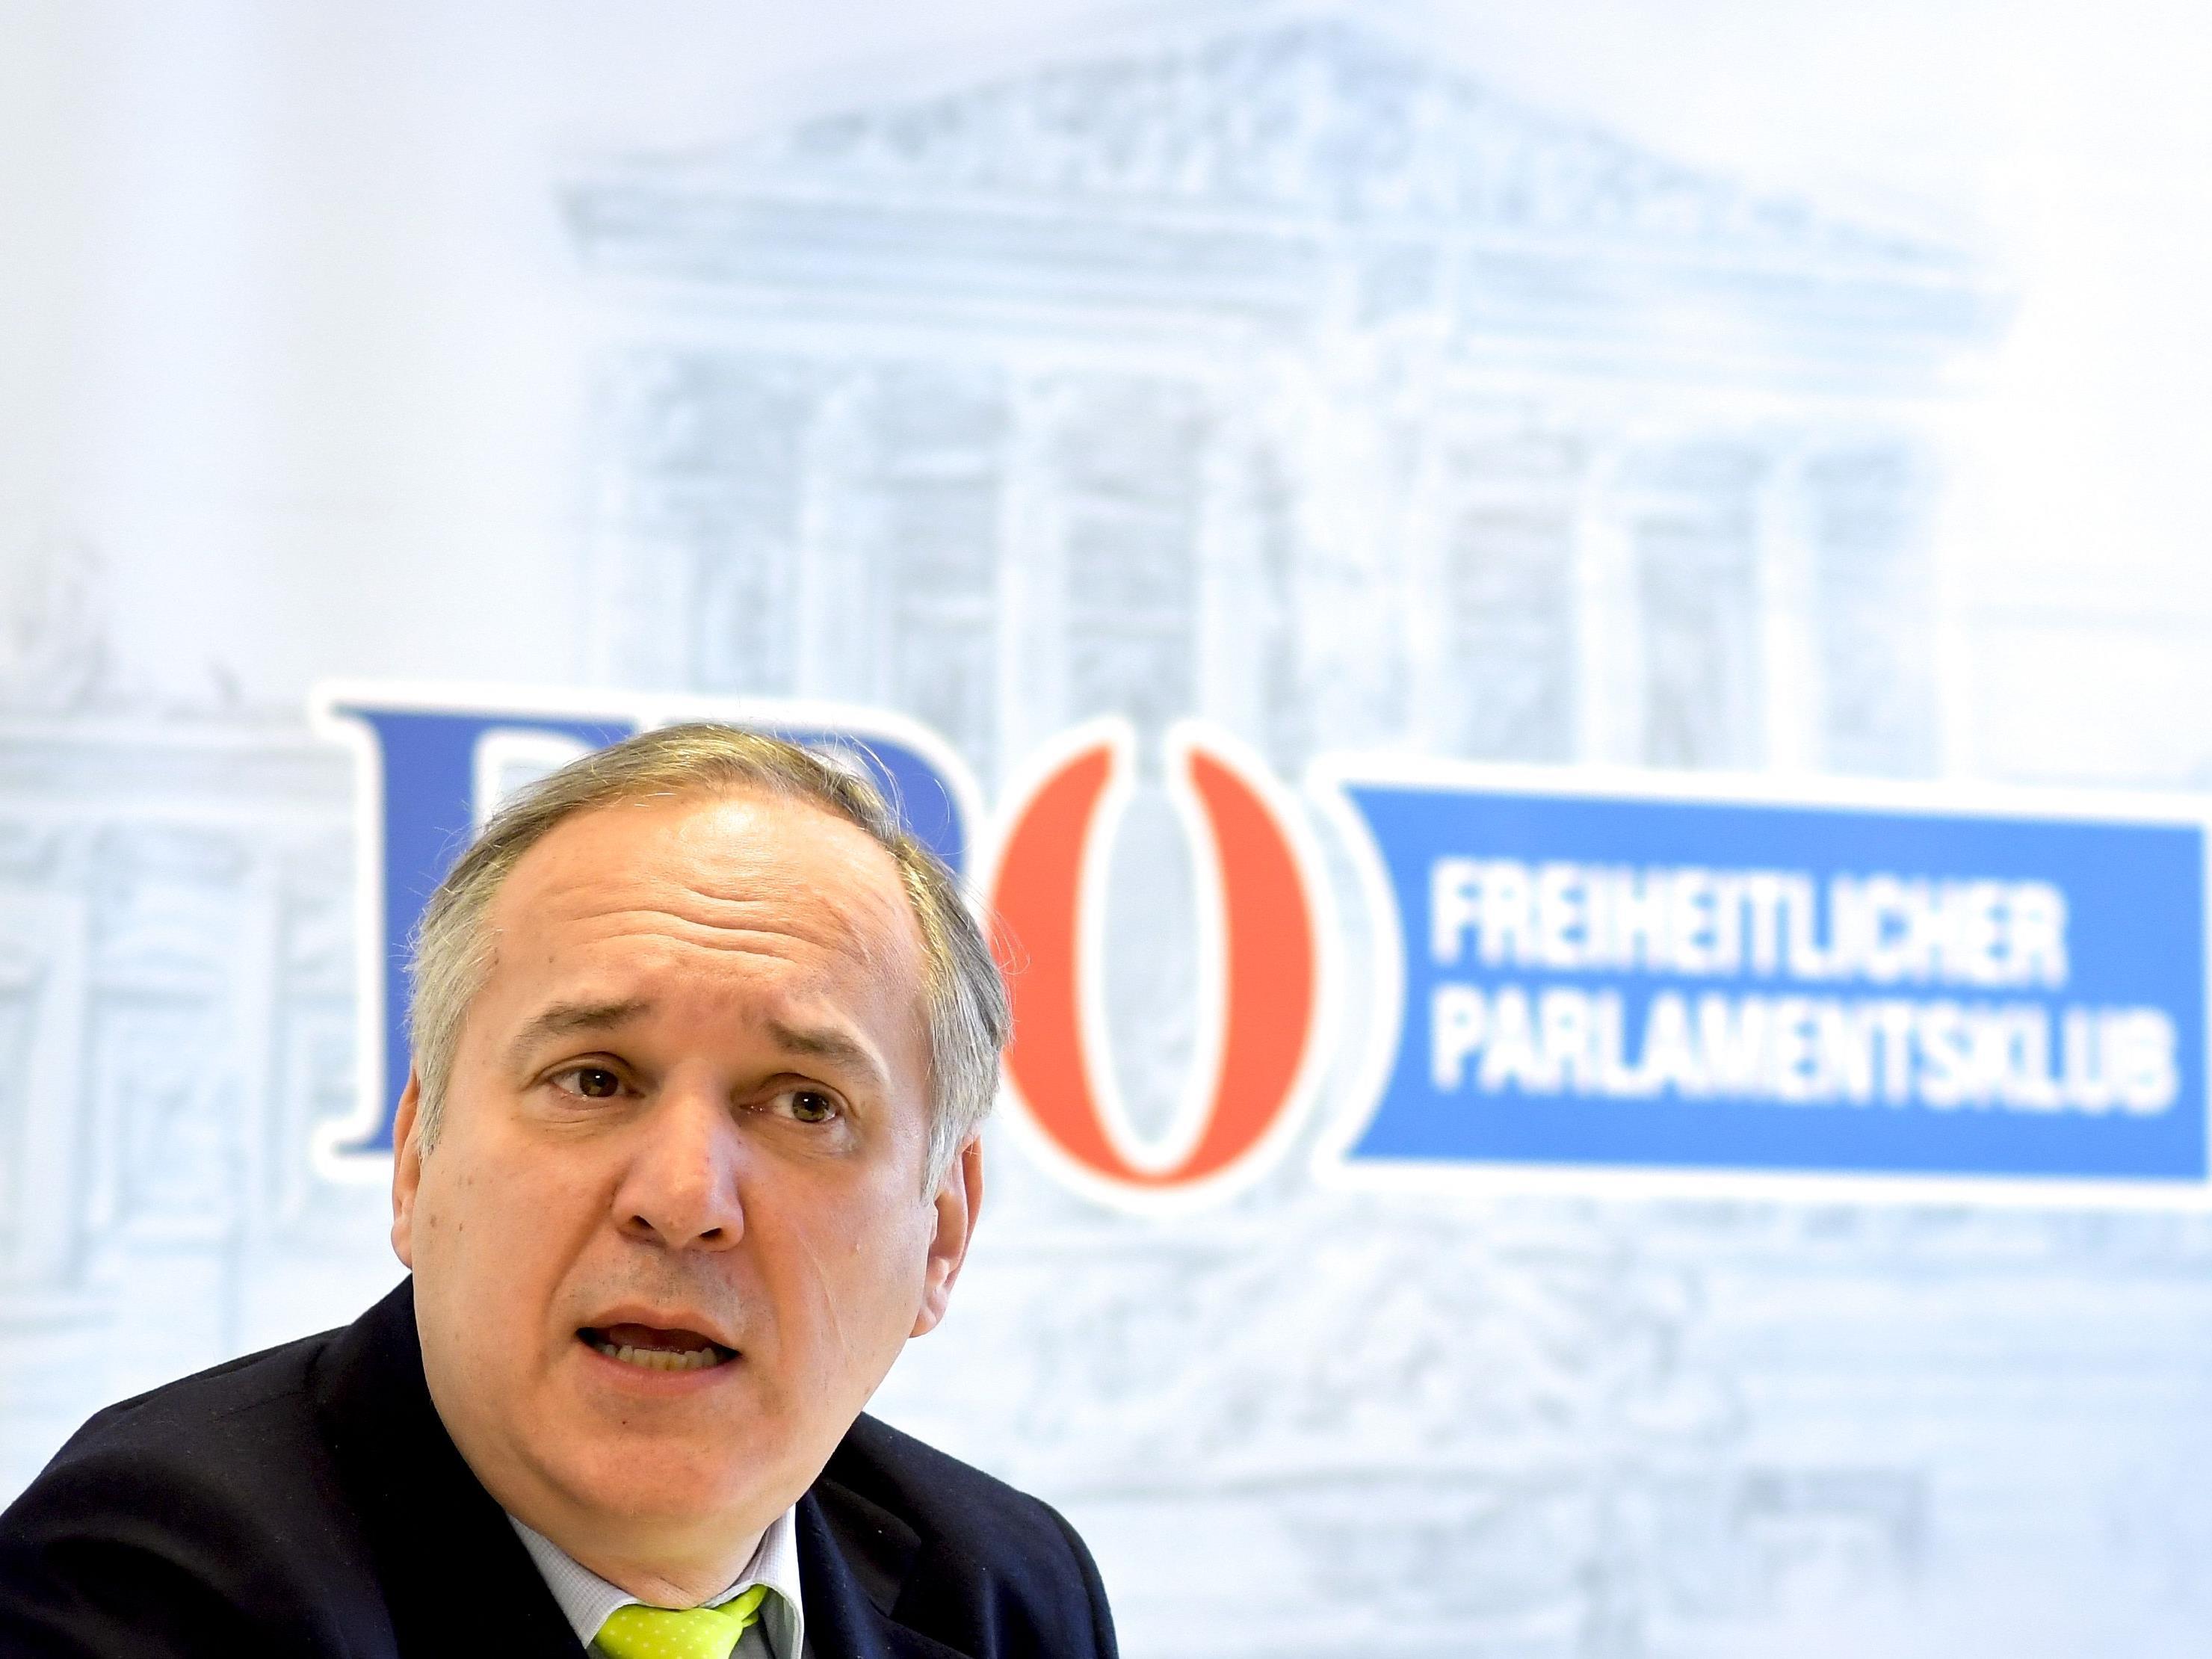 Die FPÖ kritisiert SPÖ und Gewerkschaft beim Thema Arbeitszeitflexibilisierung.